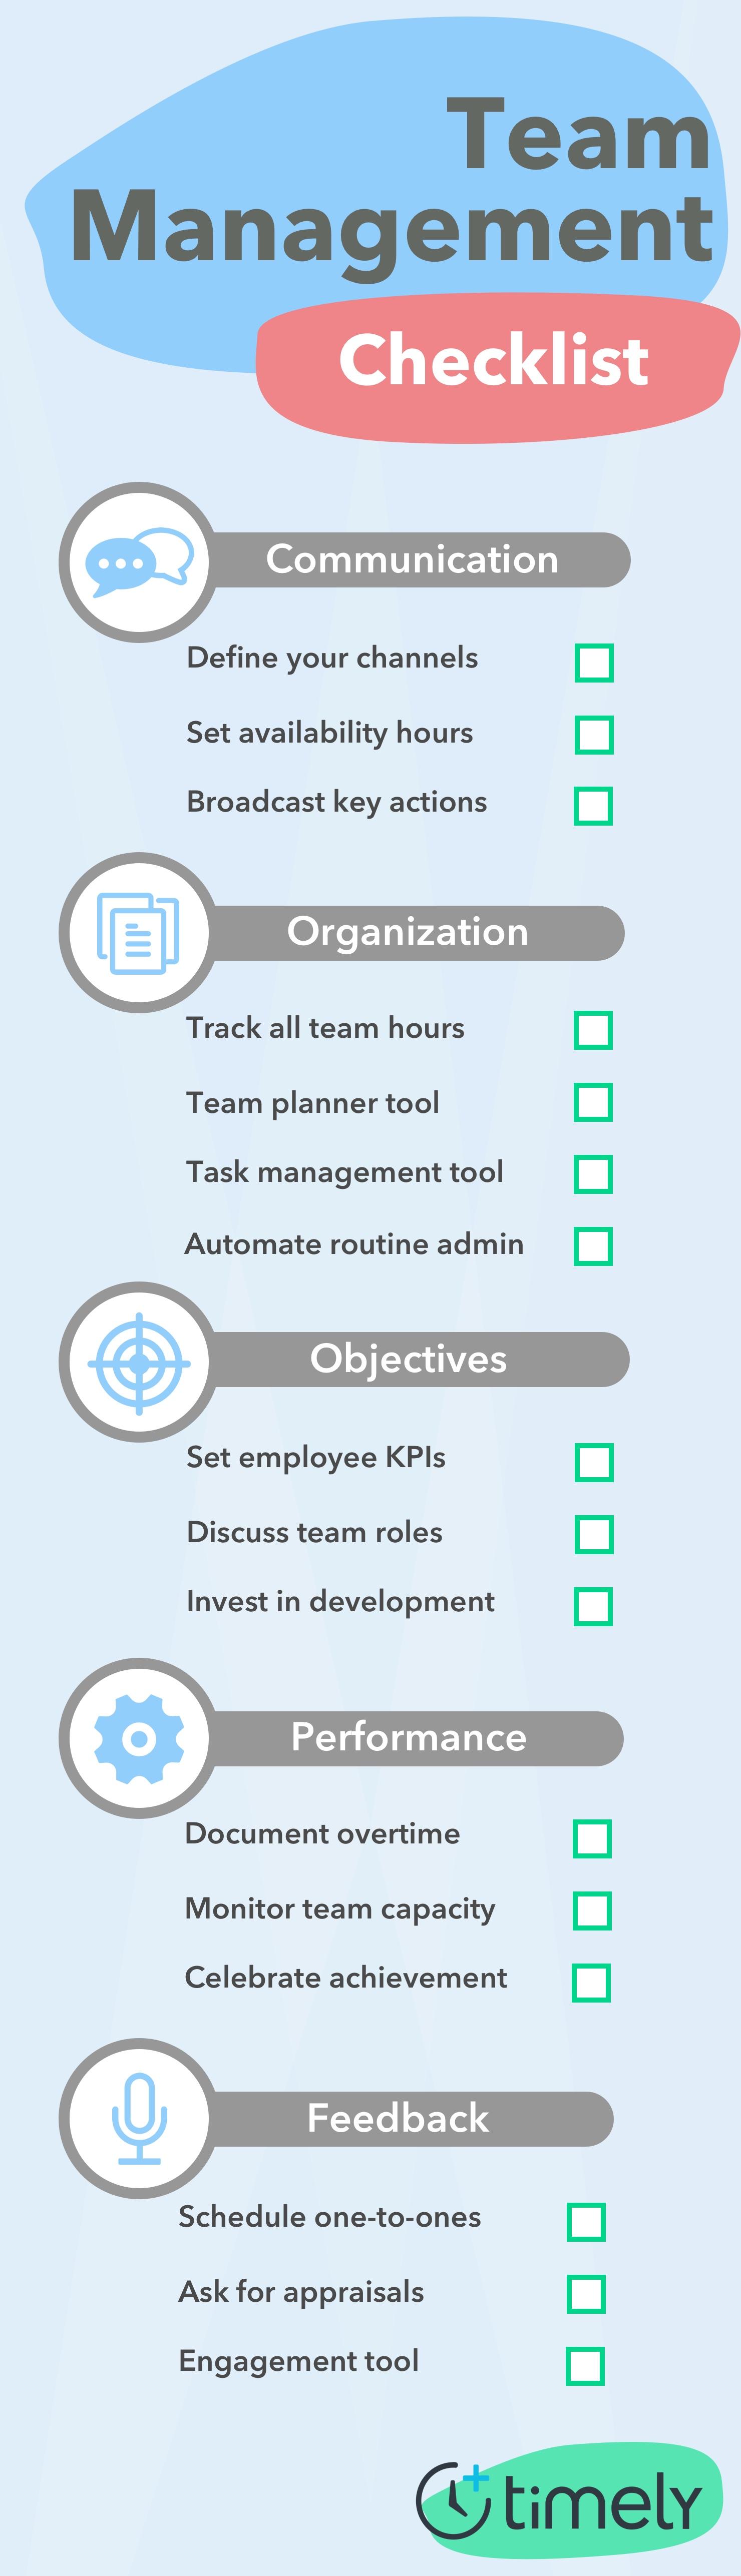 team-management-checklist@2x